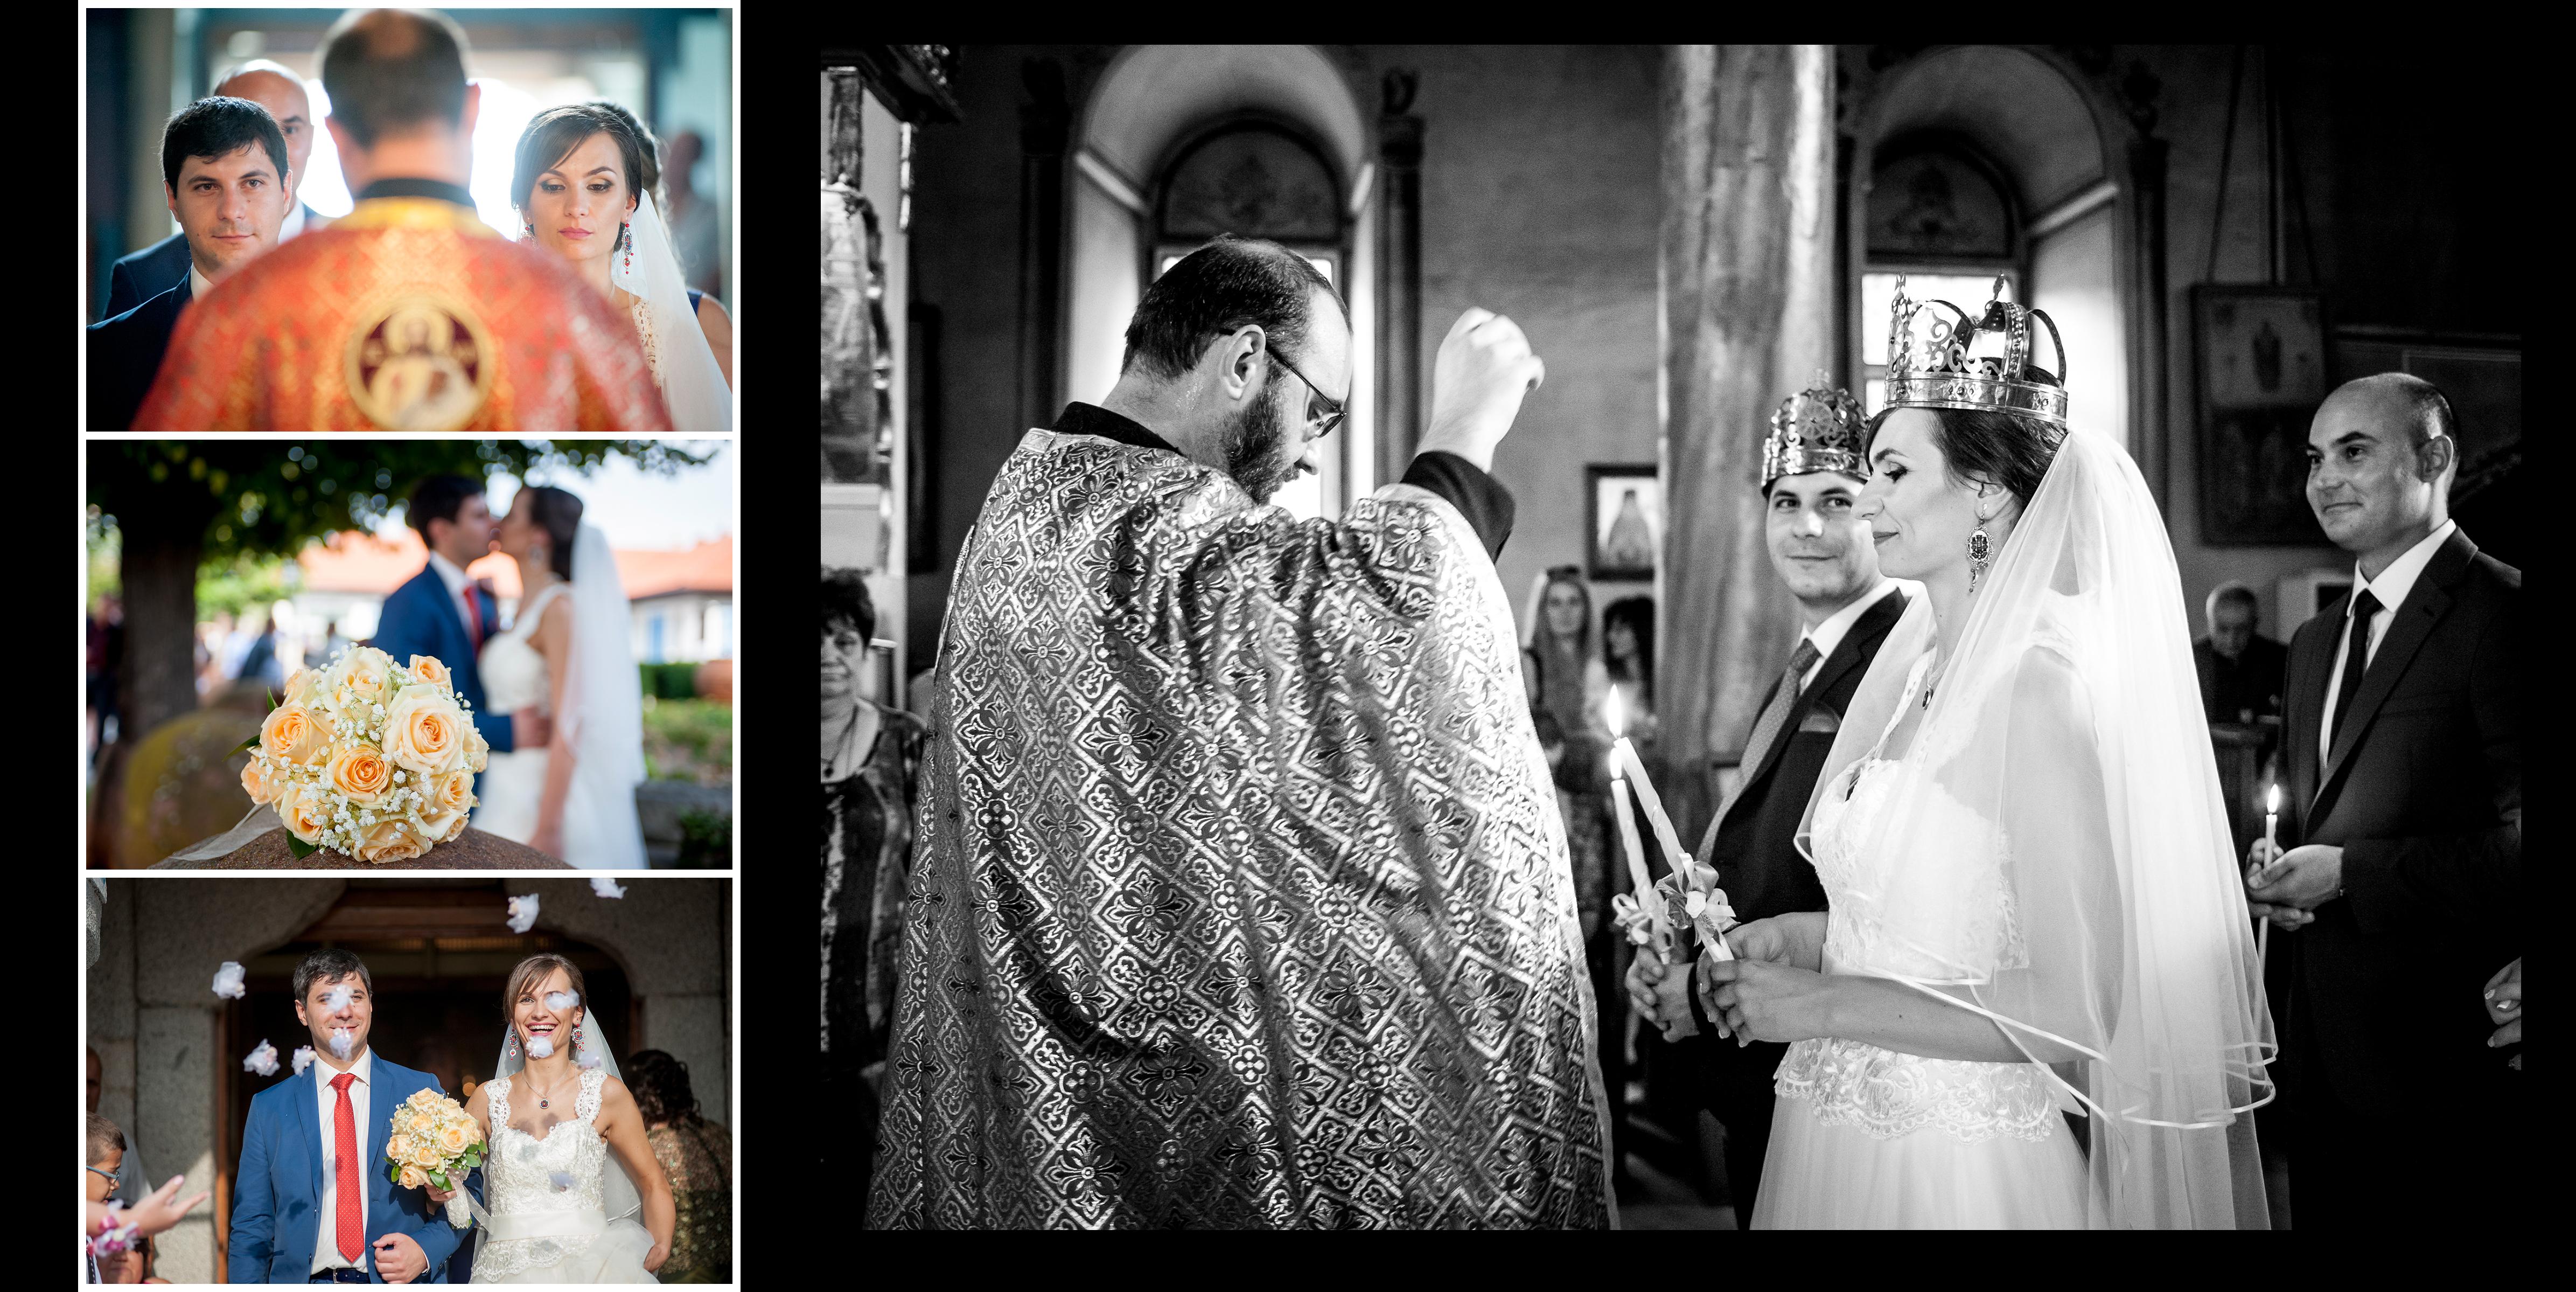 Сватбена фотокнига, сватбен фотограф, Пловдив, Панагюрище 2016-3-14